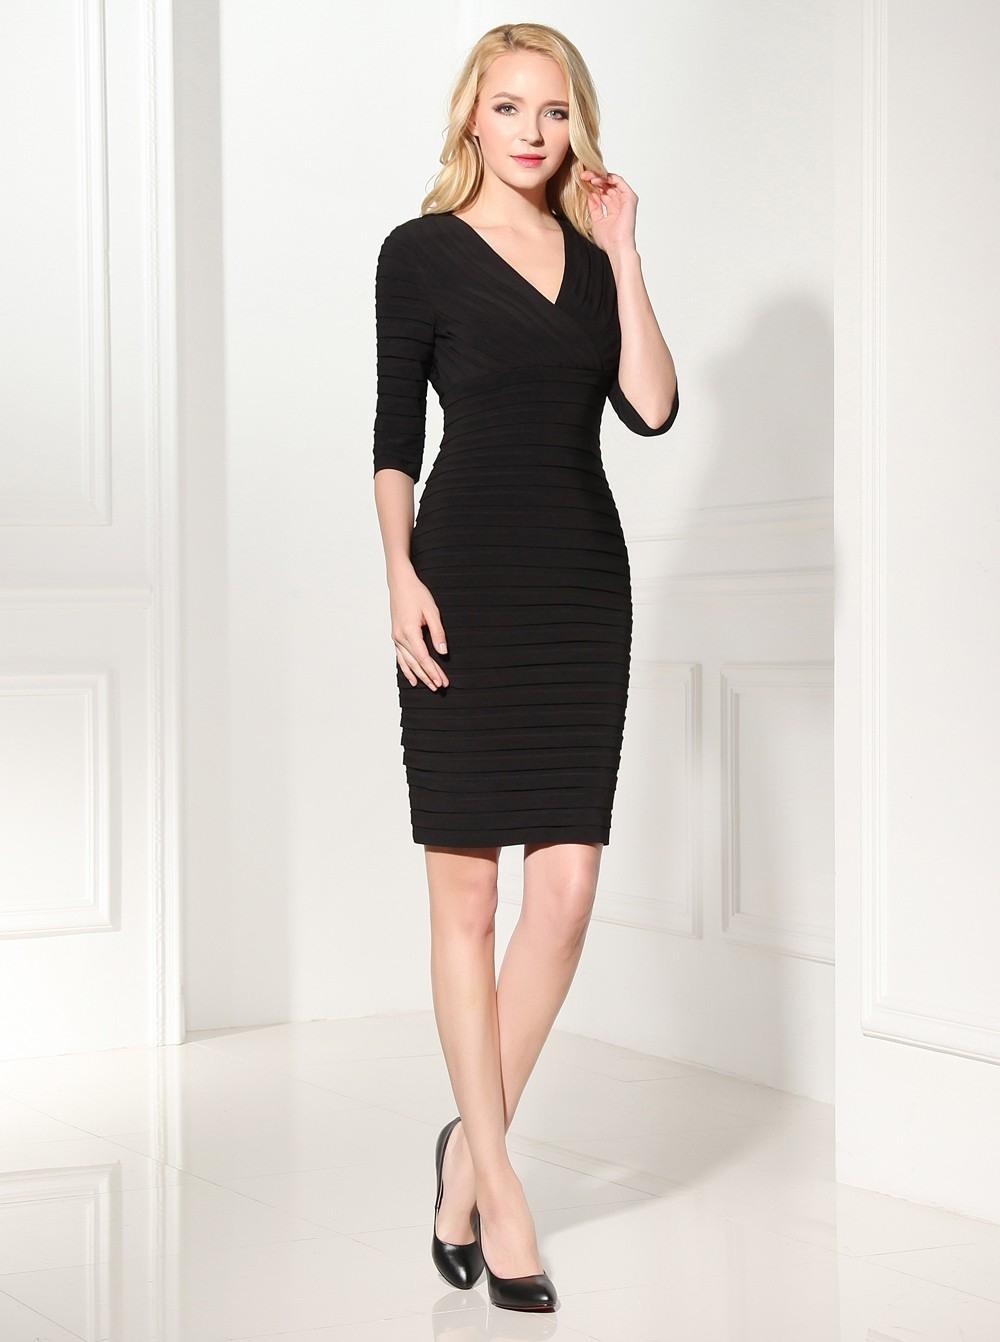 10 Einfach Abendkleider Kurz Schwarz VertriebFormal Coolste Abendkleider Kurz Schwarz Spezialgebiet